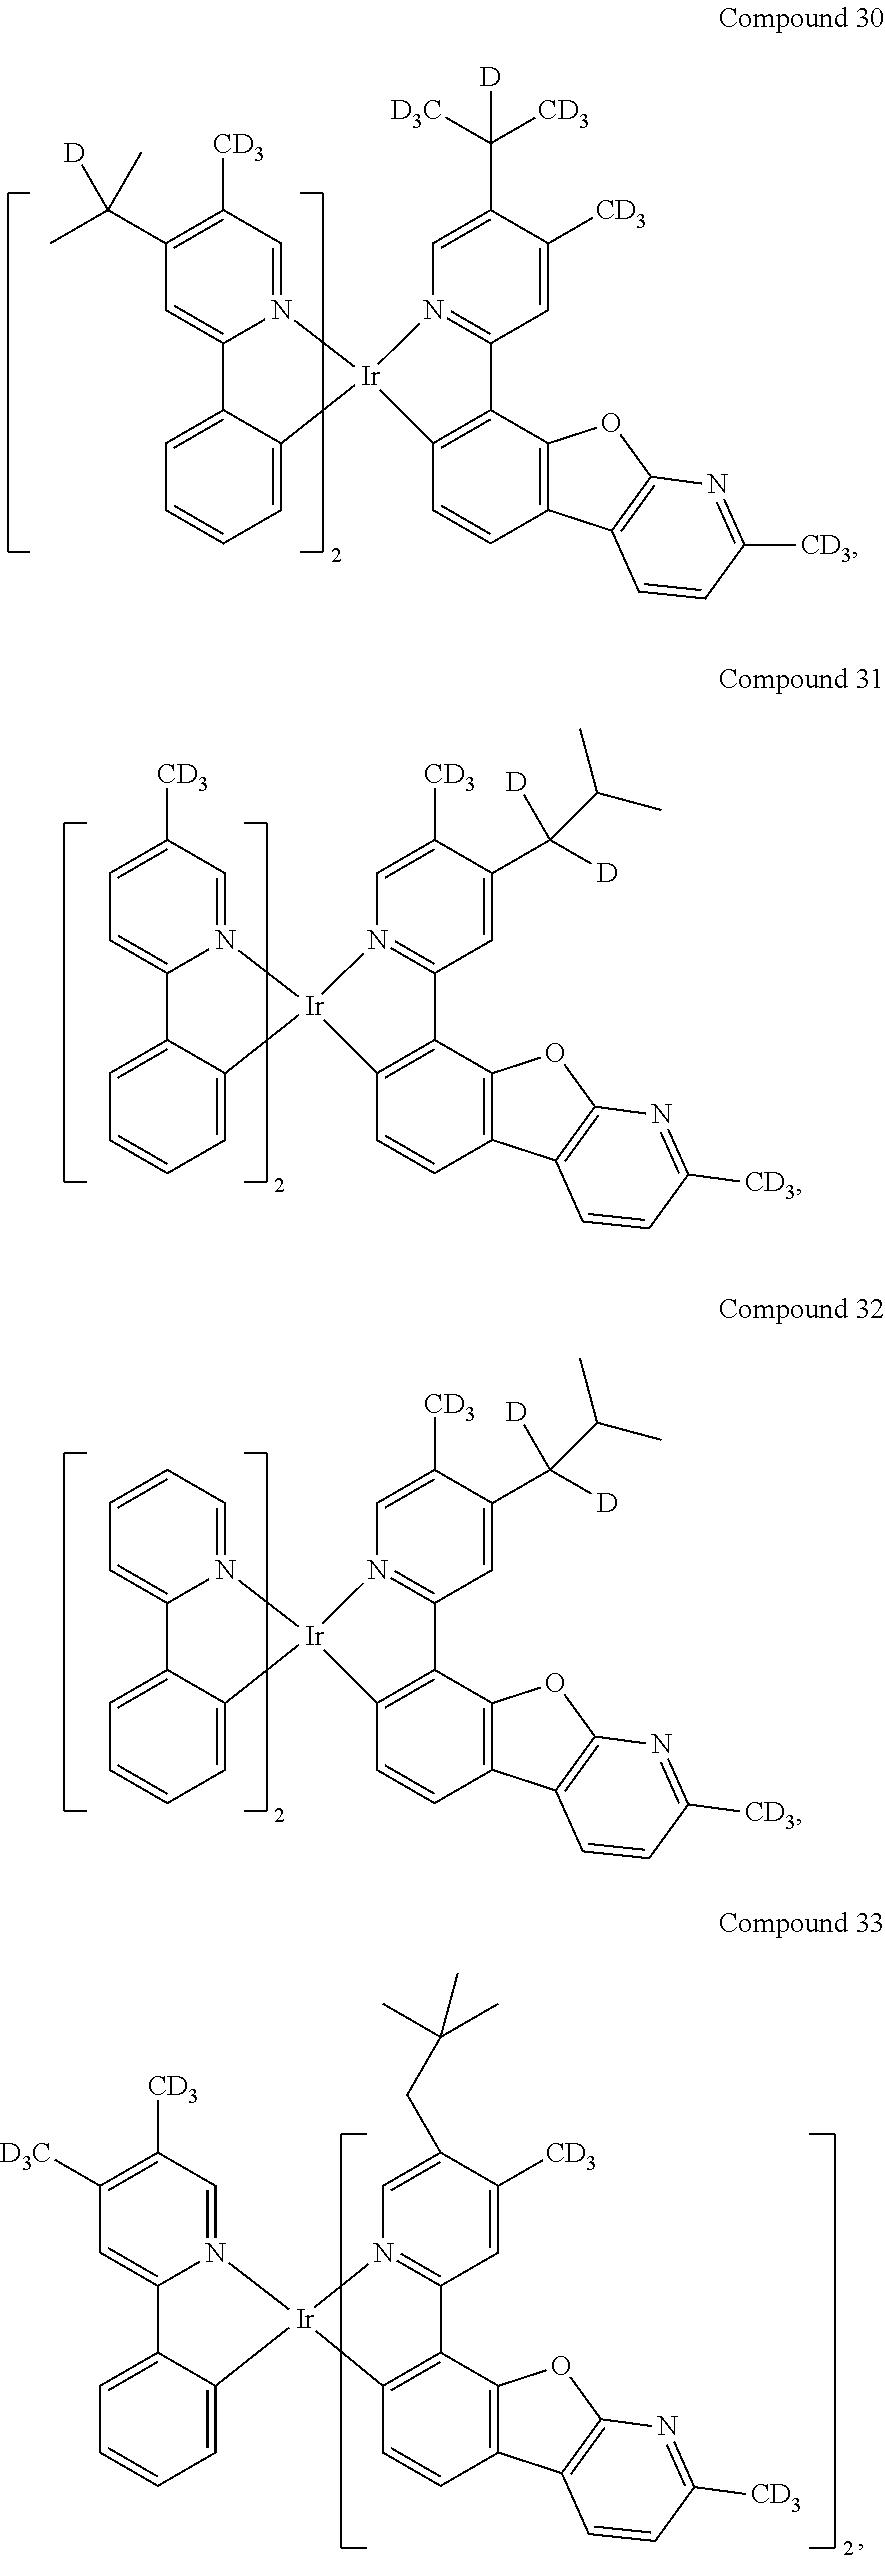 Figure US20160049599A1-20160218-C00538